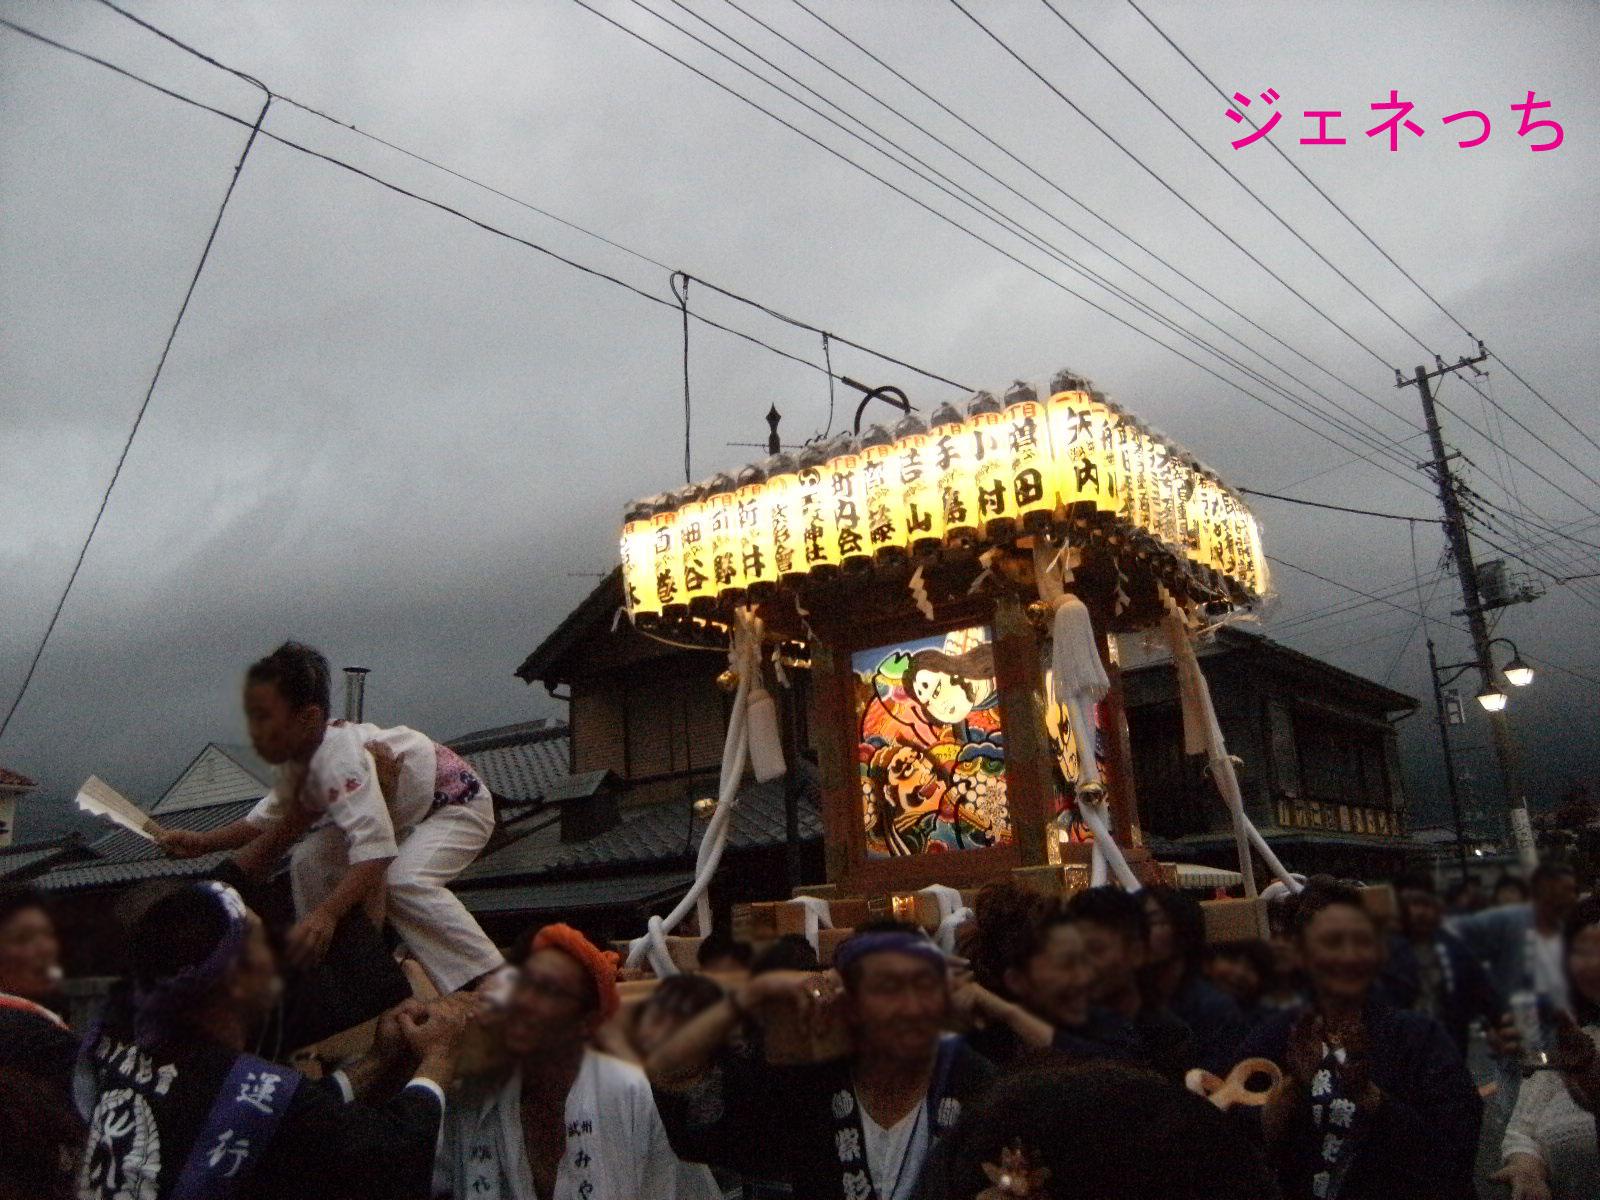 騎西の夏祭り2013.⑪